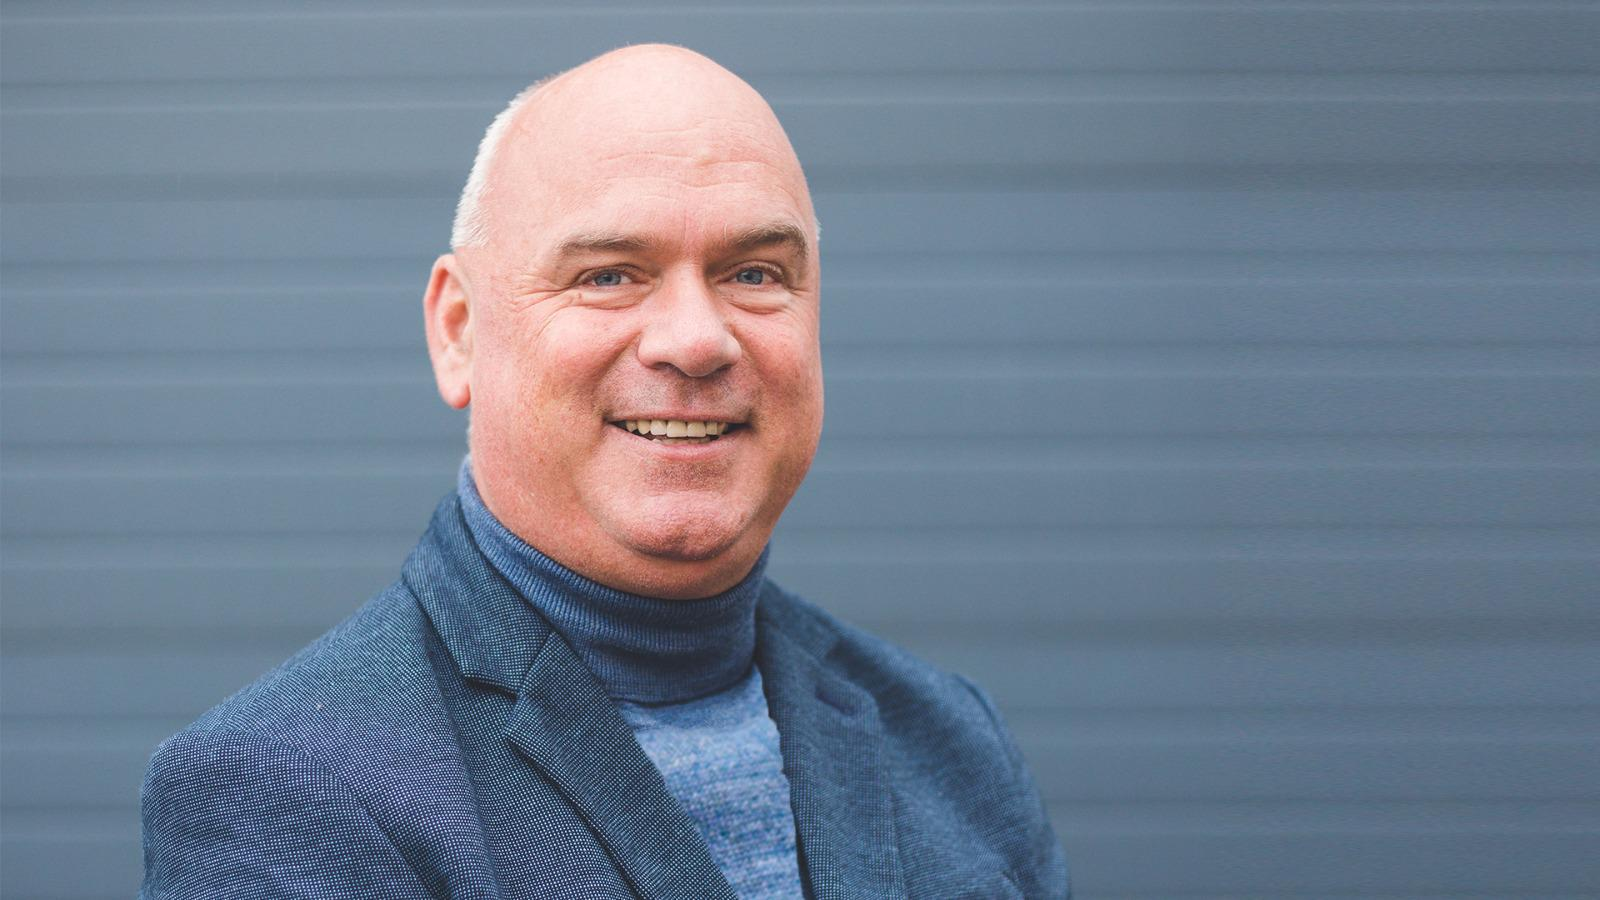 Roger Keijbeck